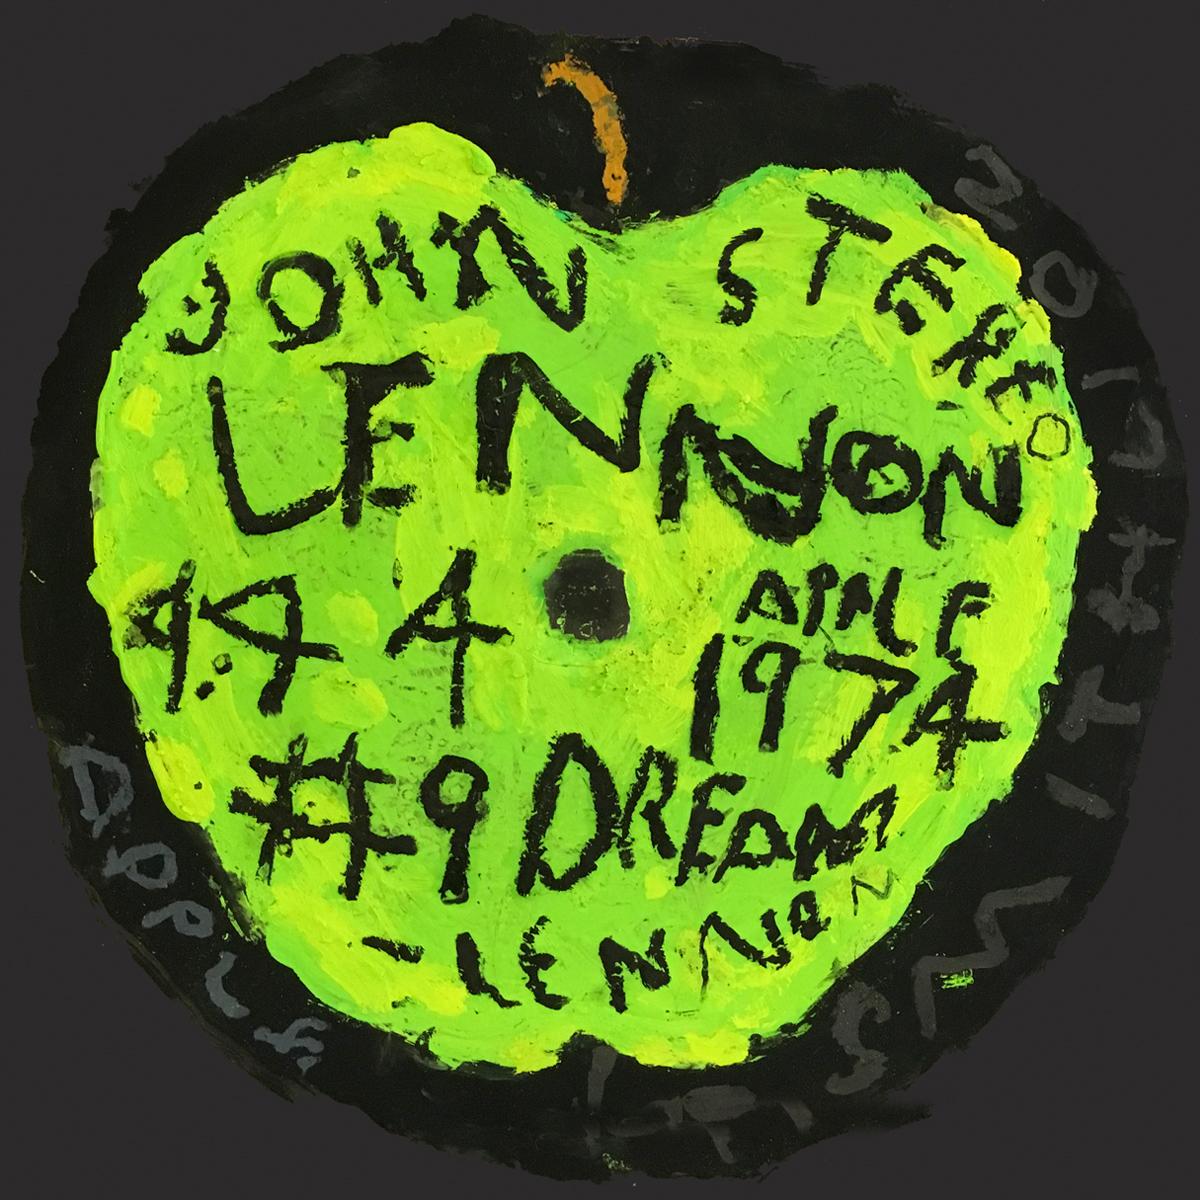 John Lennon / #9 Dream